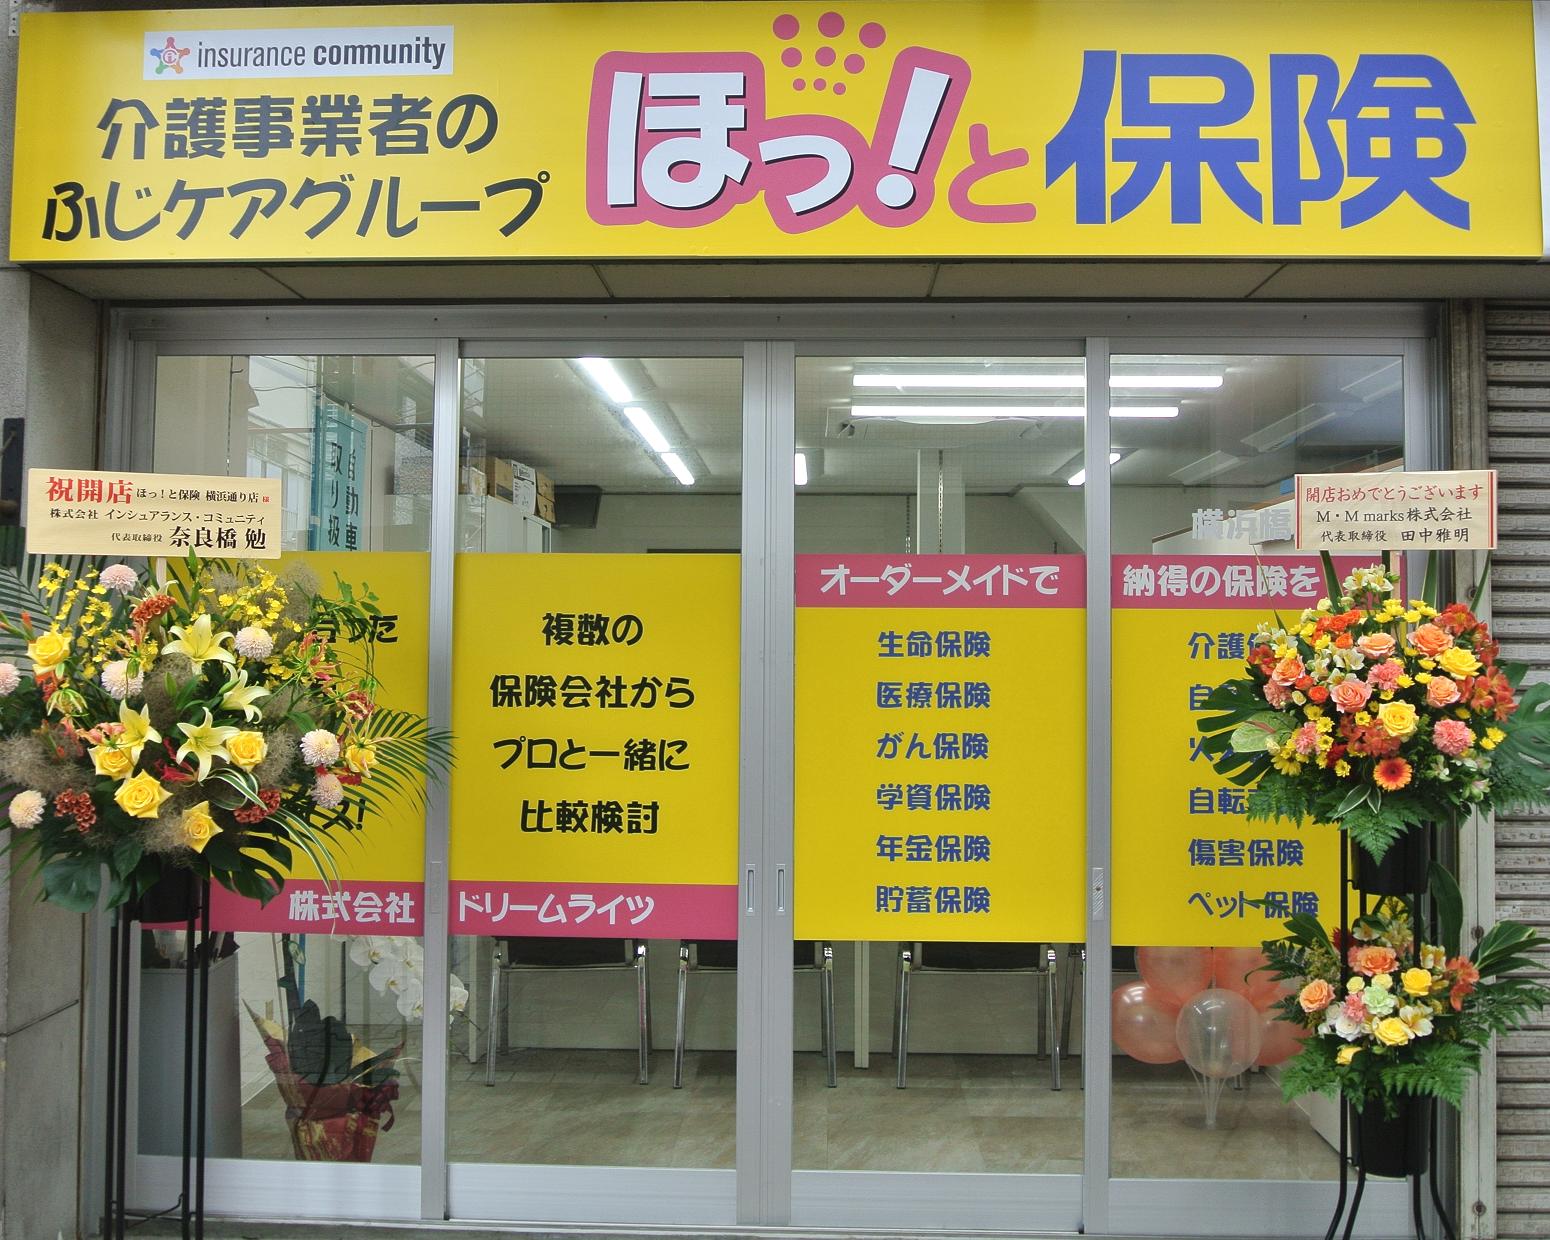 ほっ!と保険 横浜橋店